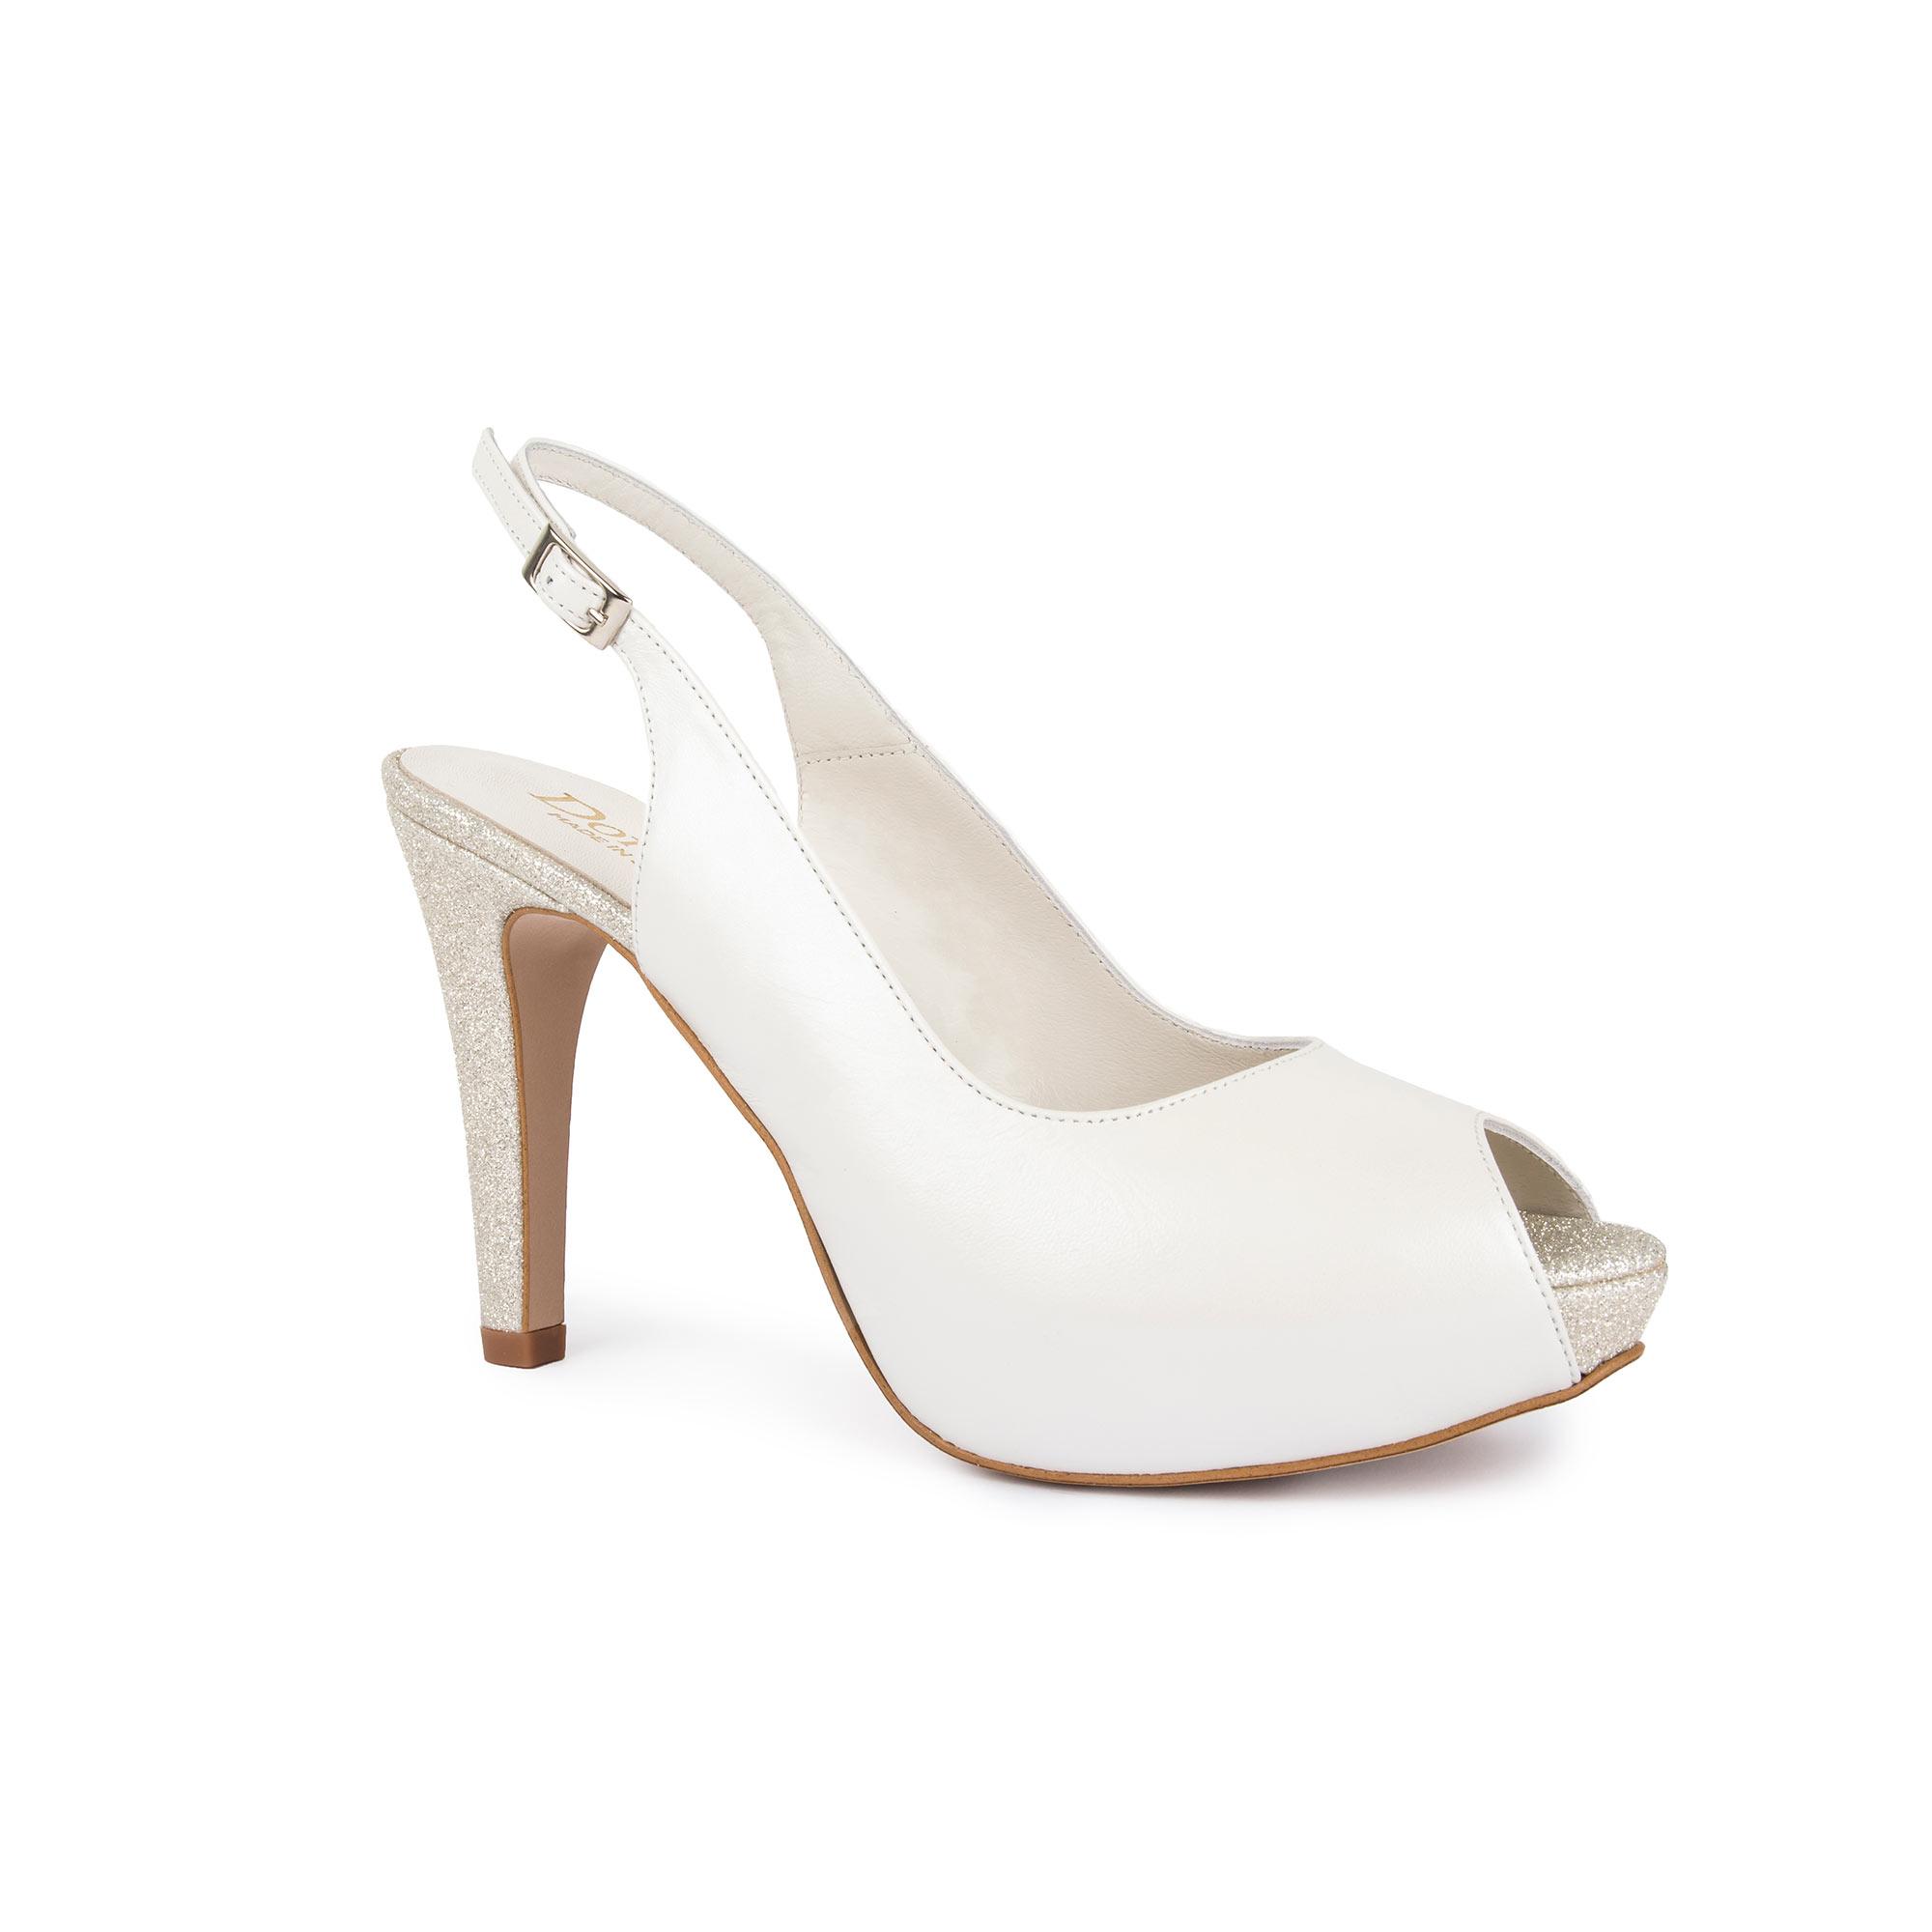 zapato de novia peep-toe glitter doriani